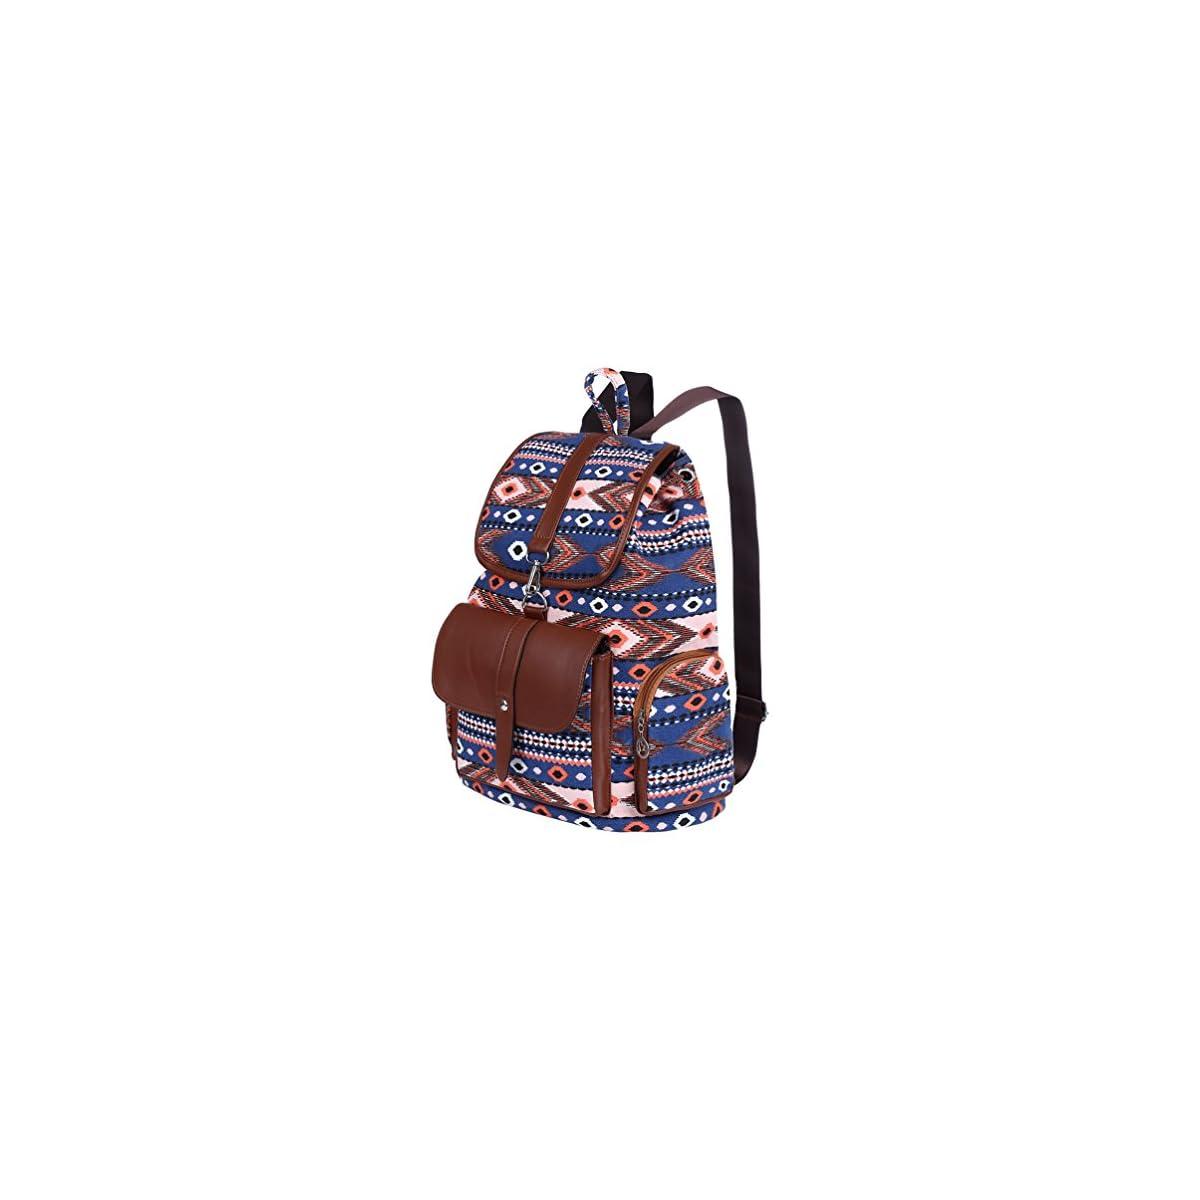 519fFnu3EGL. SS1200  - Vbiger Moda Mochila de Lona con diseño Casual para Mujer Bolsa de Viaje Mochila de a Diario